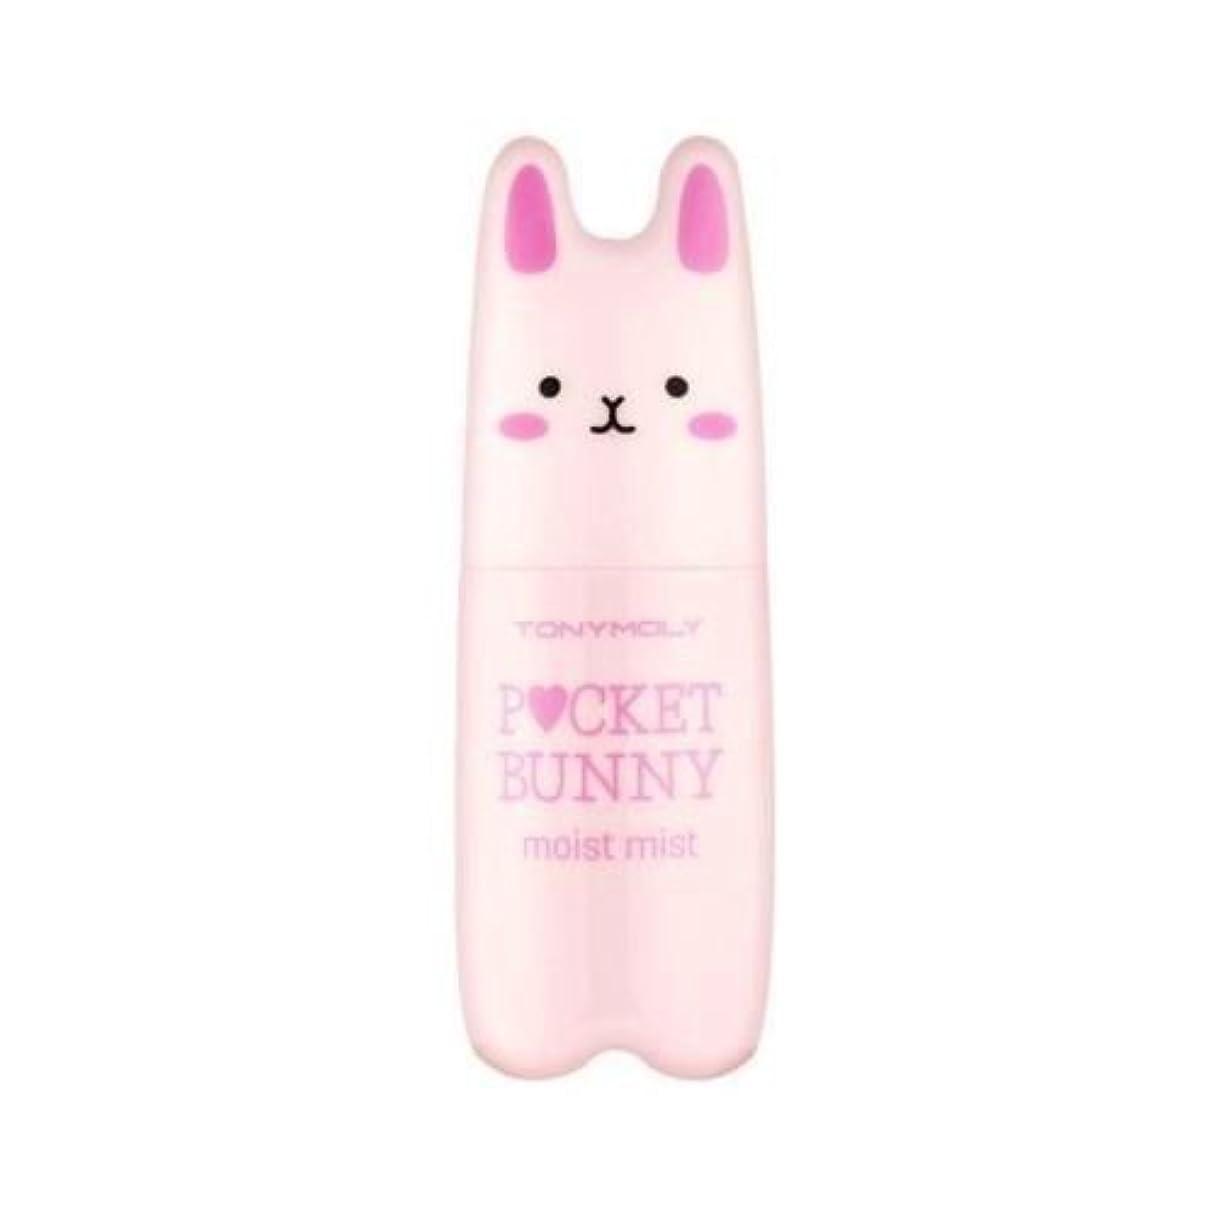 肝適用済み宣教師(3 Pack) TONYMOLY Pocket Bunny Moist Mist (並行輸入品)